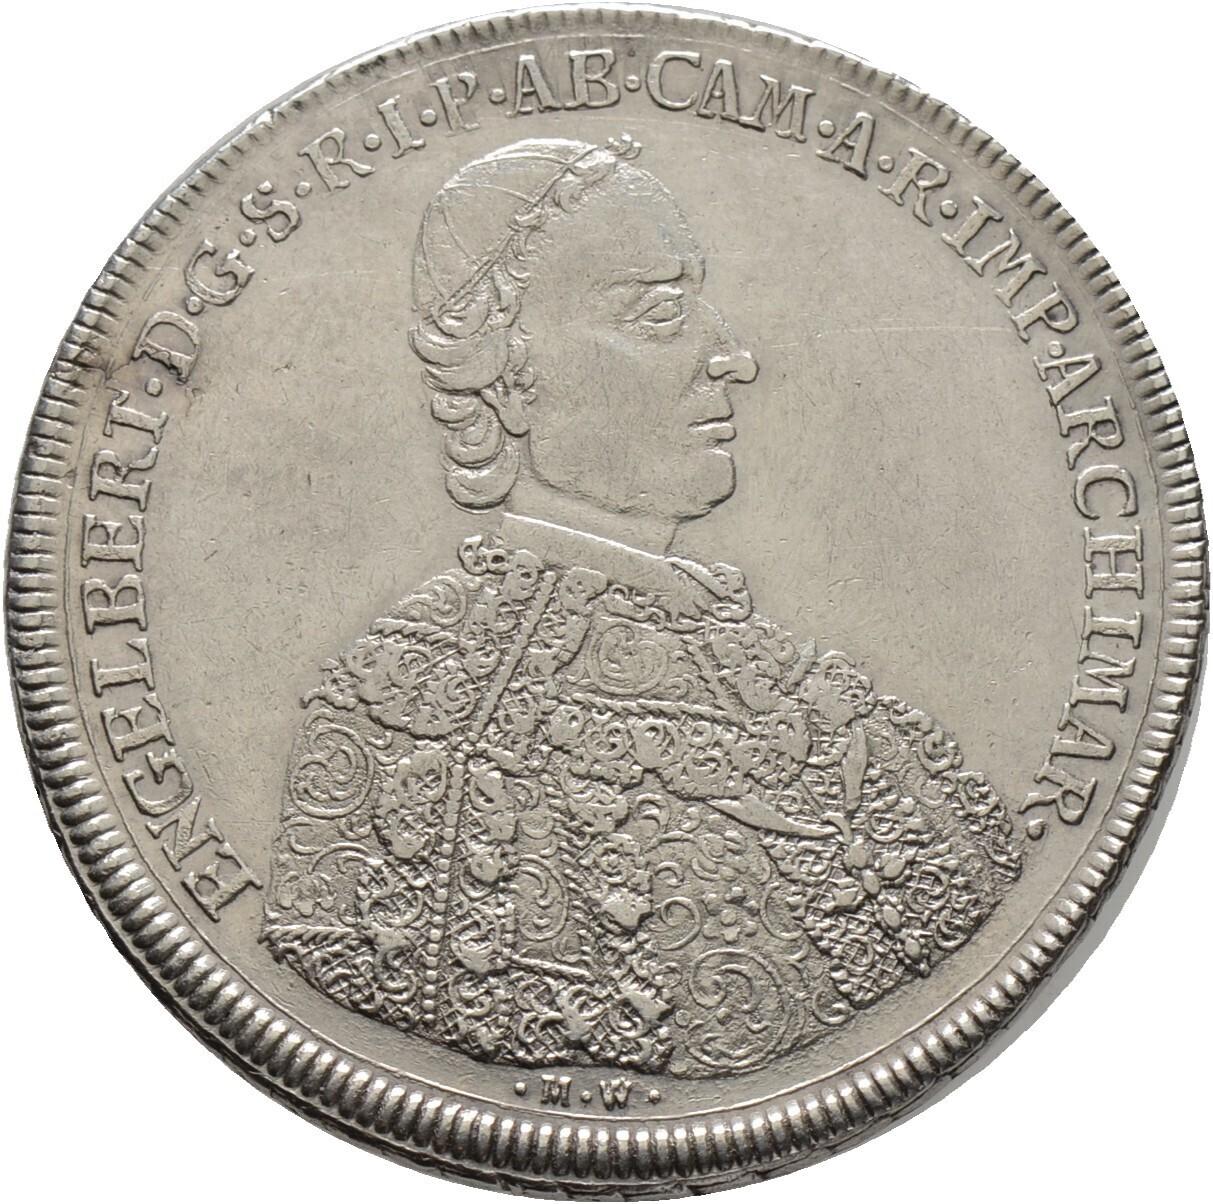 Taler 1748, Engelbert von Sirgenstein 1747-1760, Kempten-Stift